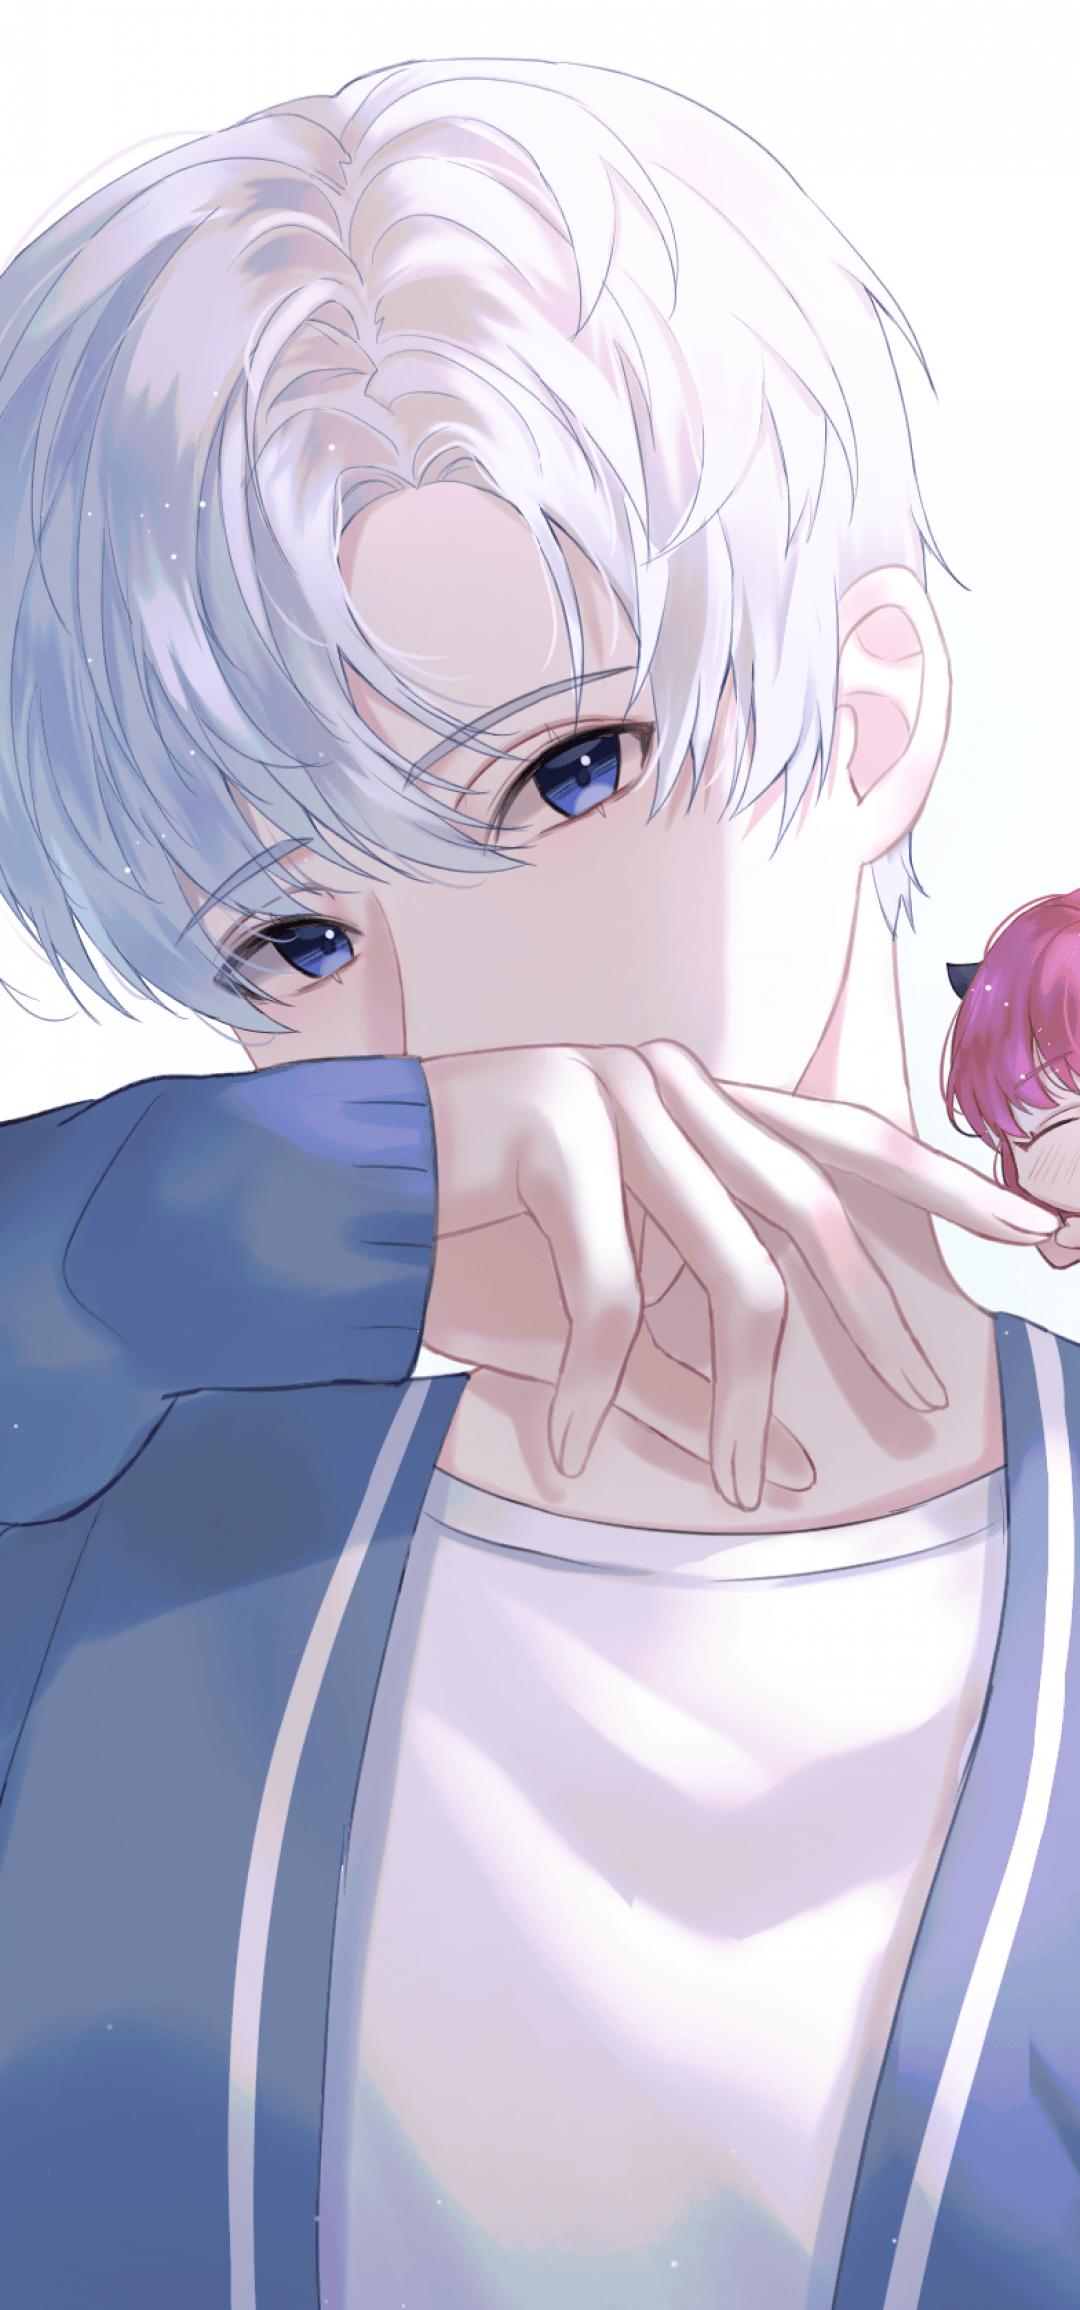 1080x2310 Tải xuống 1080x2310 Anime Boy And Girl, Chibi, Hình nền tình bạn dễ thương cho Honor View 20